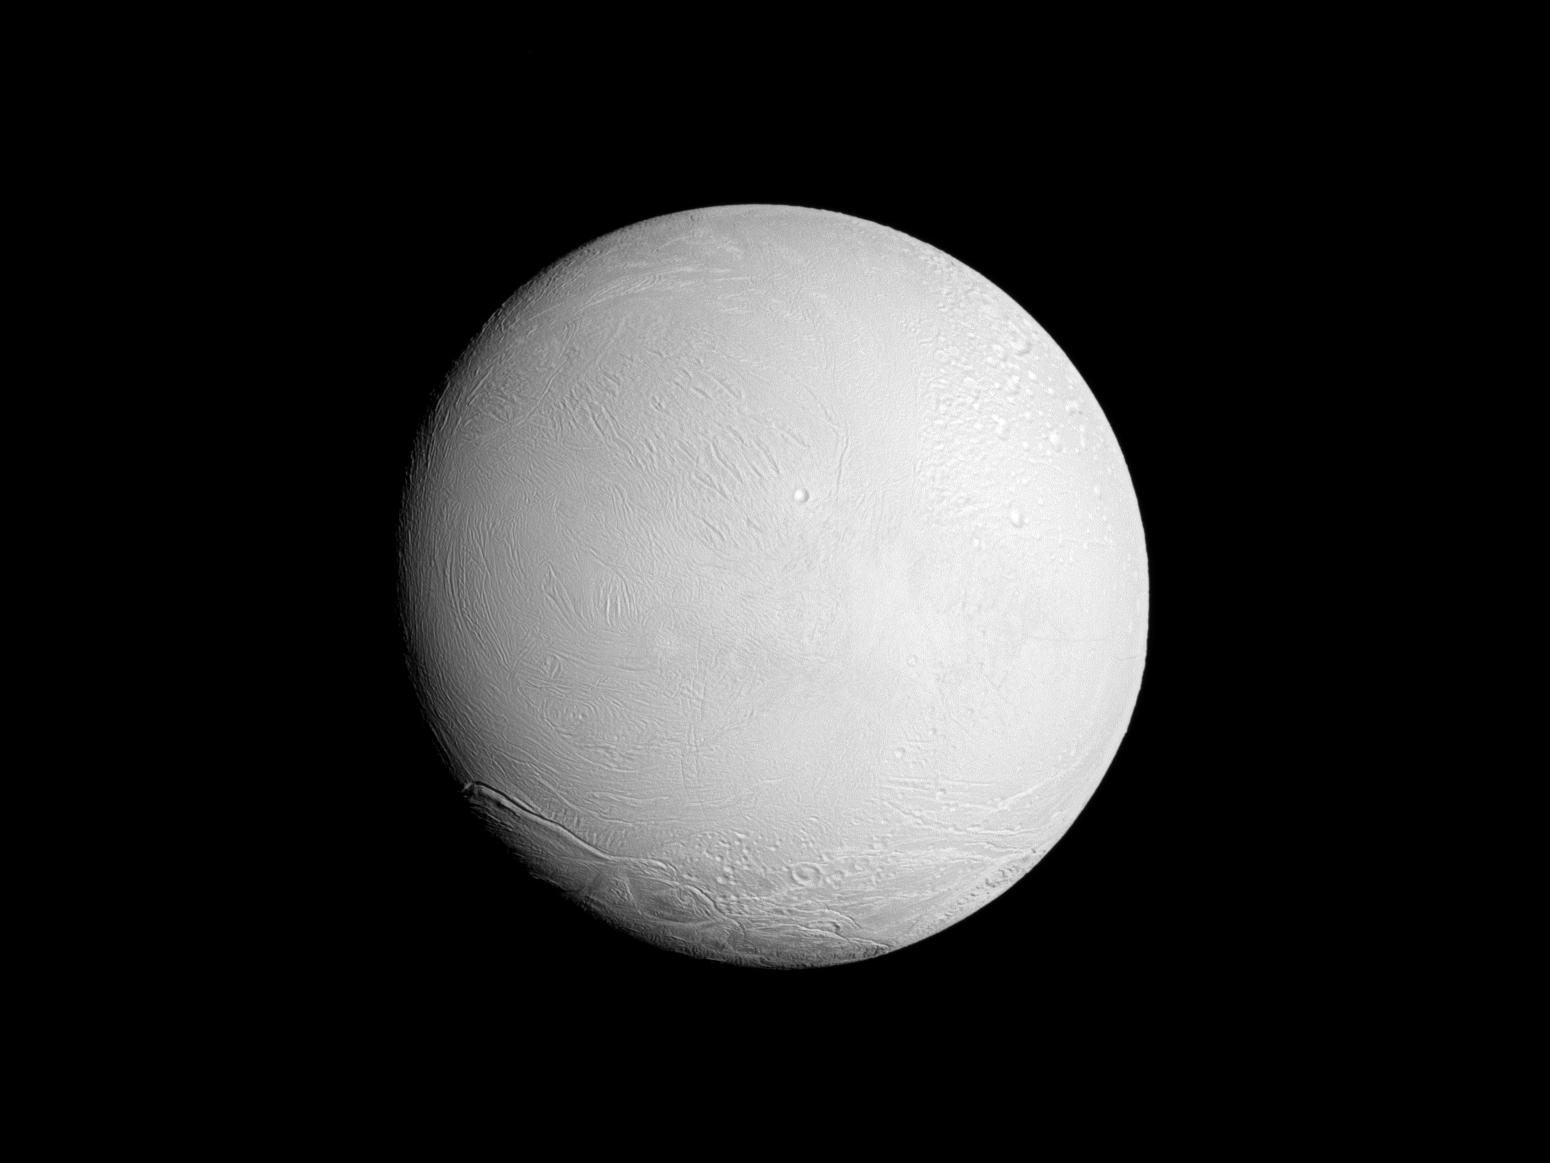 Aquesta fotografia la va fer la el satel·lit artificial Cassini des del nord de la lluna, es va realizar al 6 de Novembre del 2016.